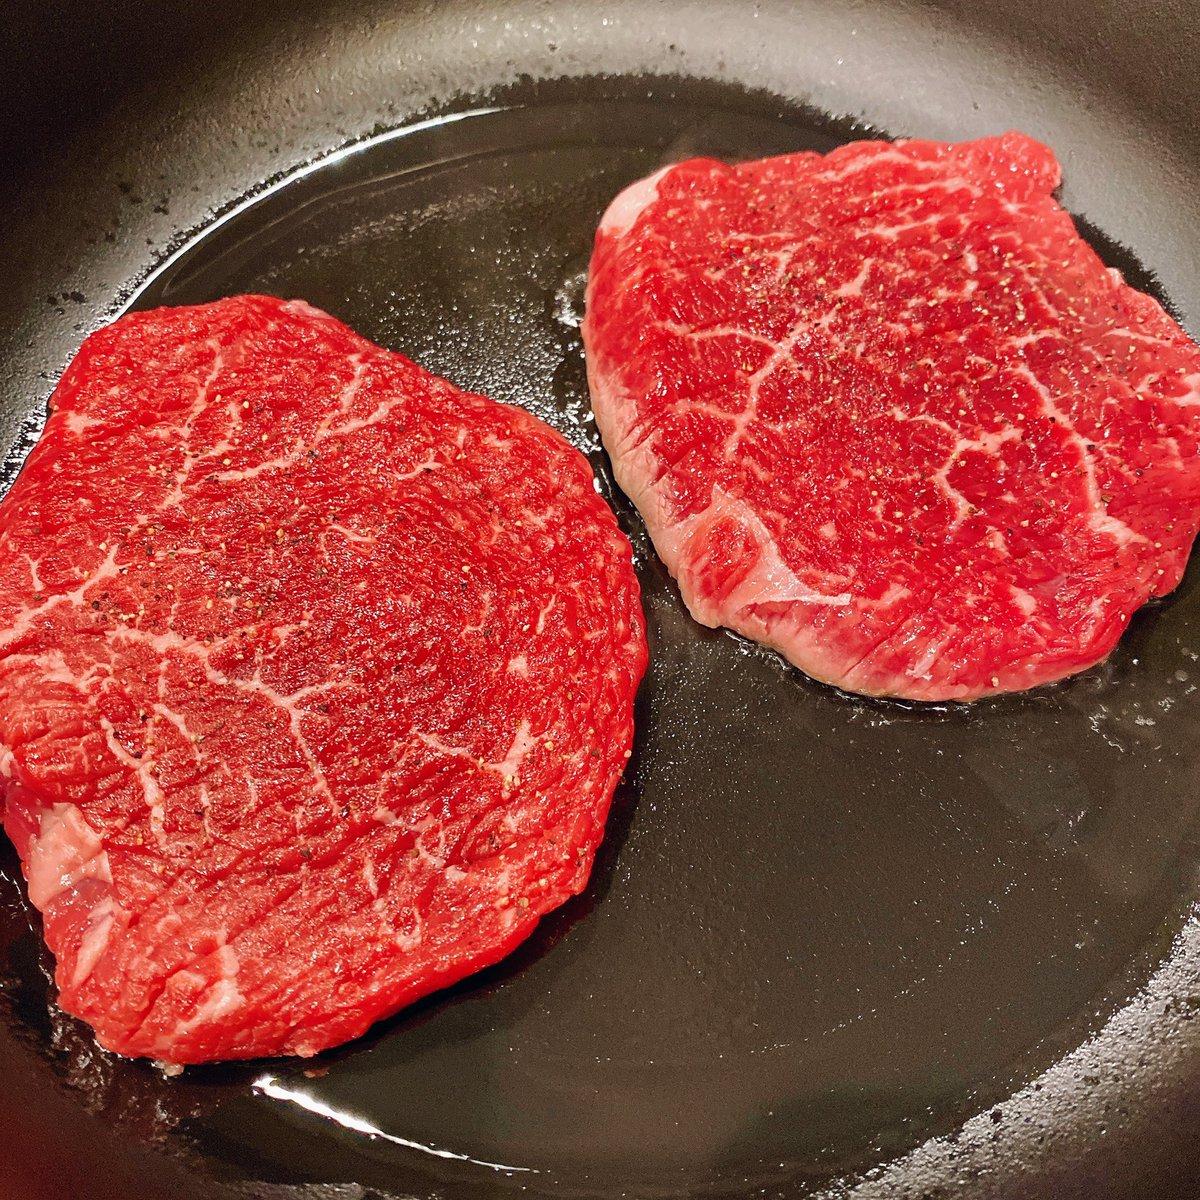 まぁ、今日は肉だよな